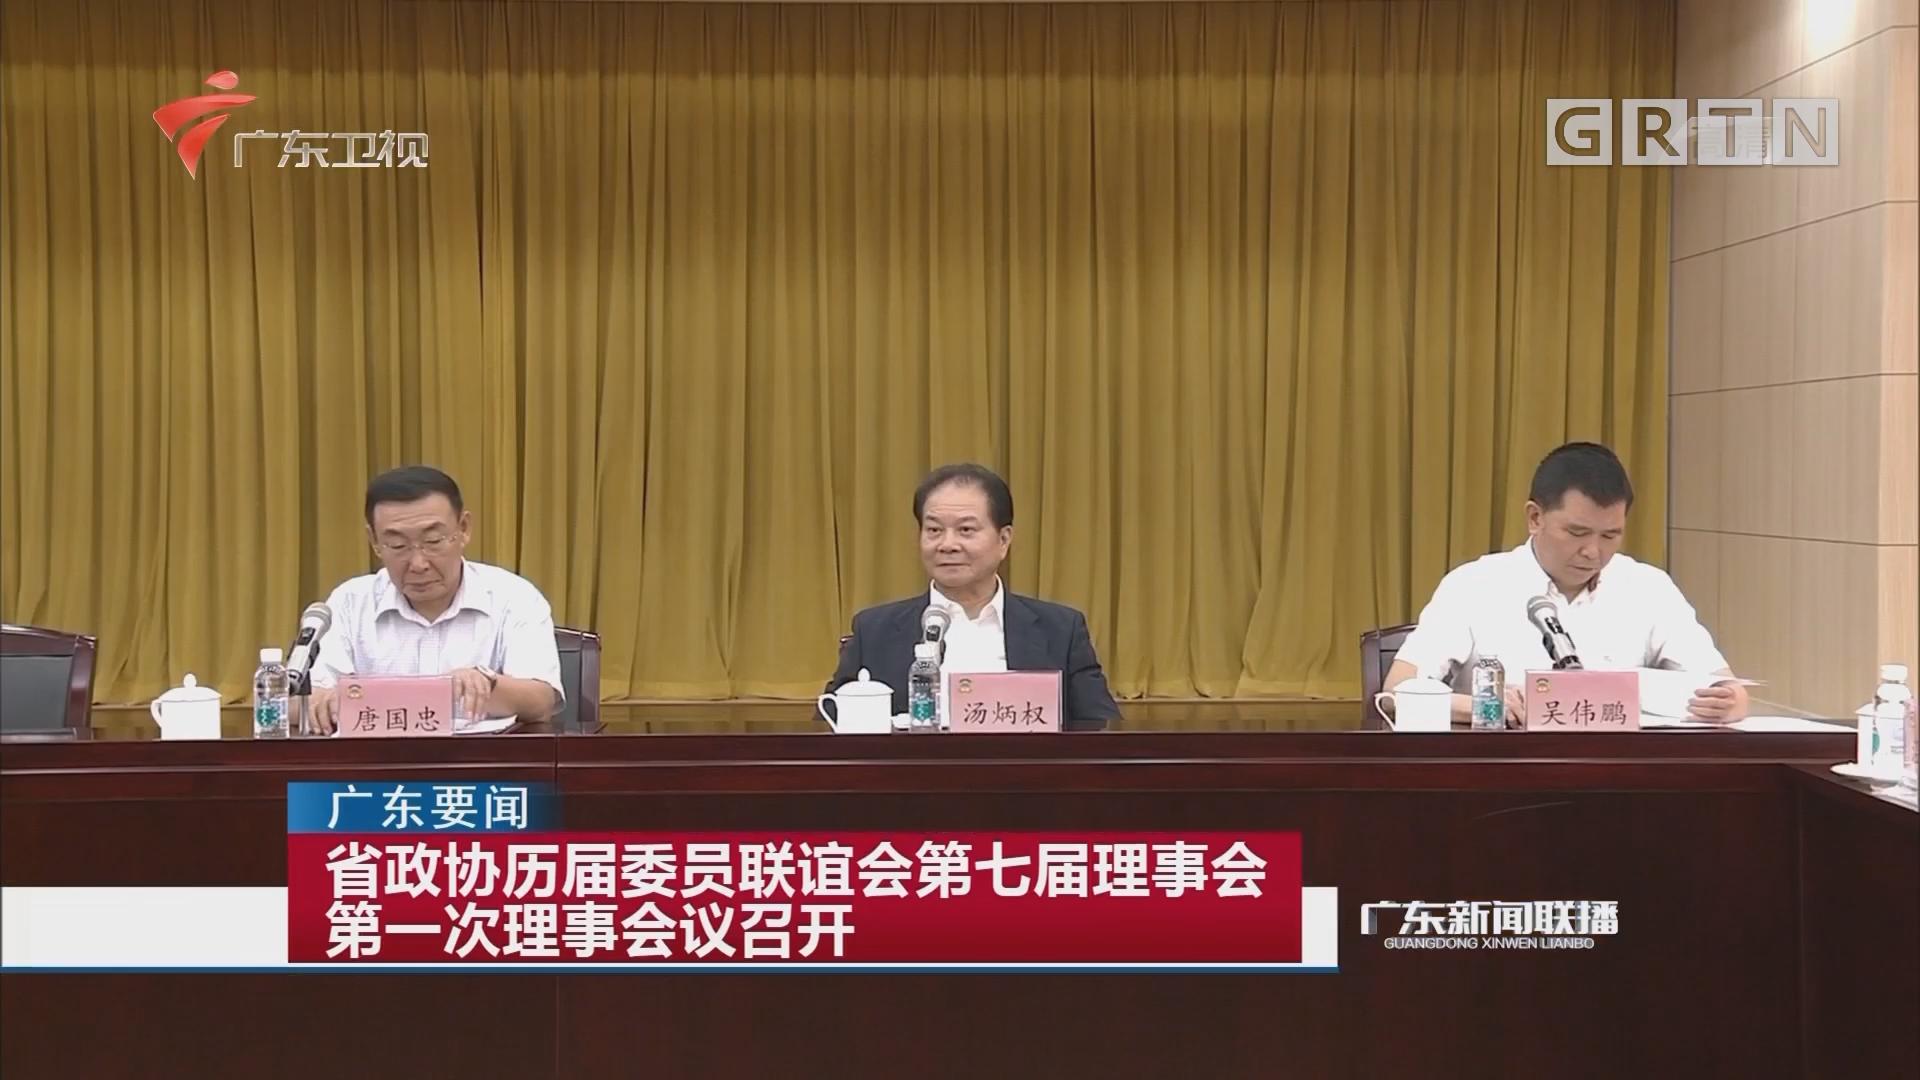 省政协历届委员联谊会第七届理事会第一次理事会议召开